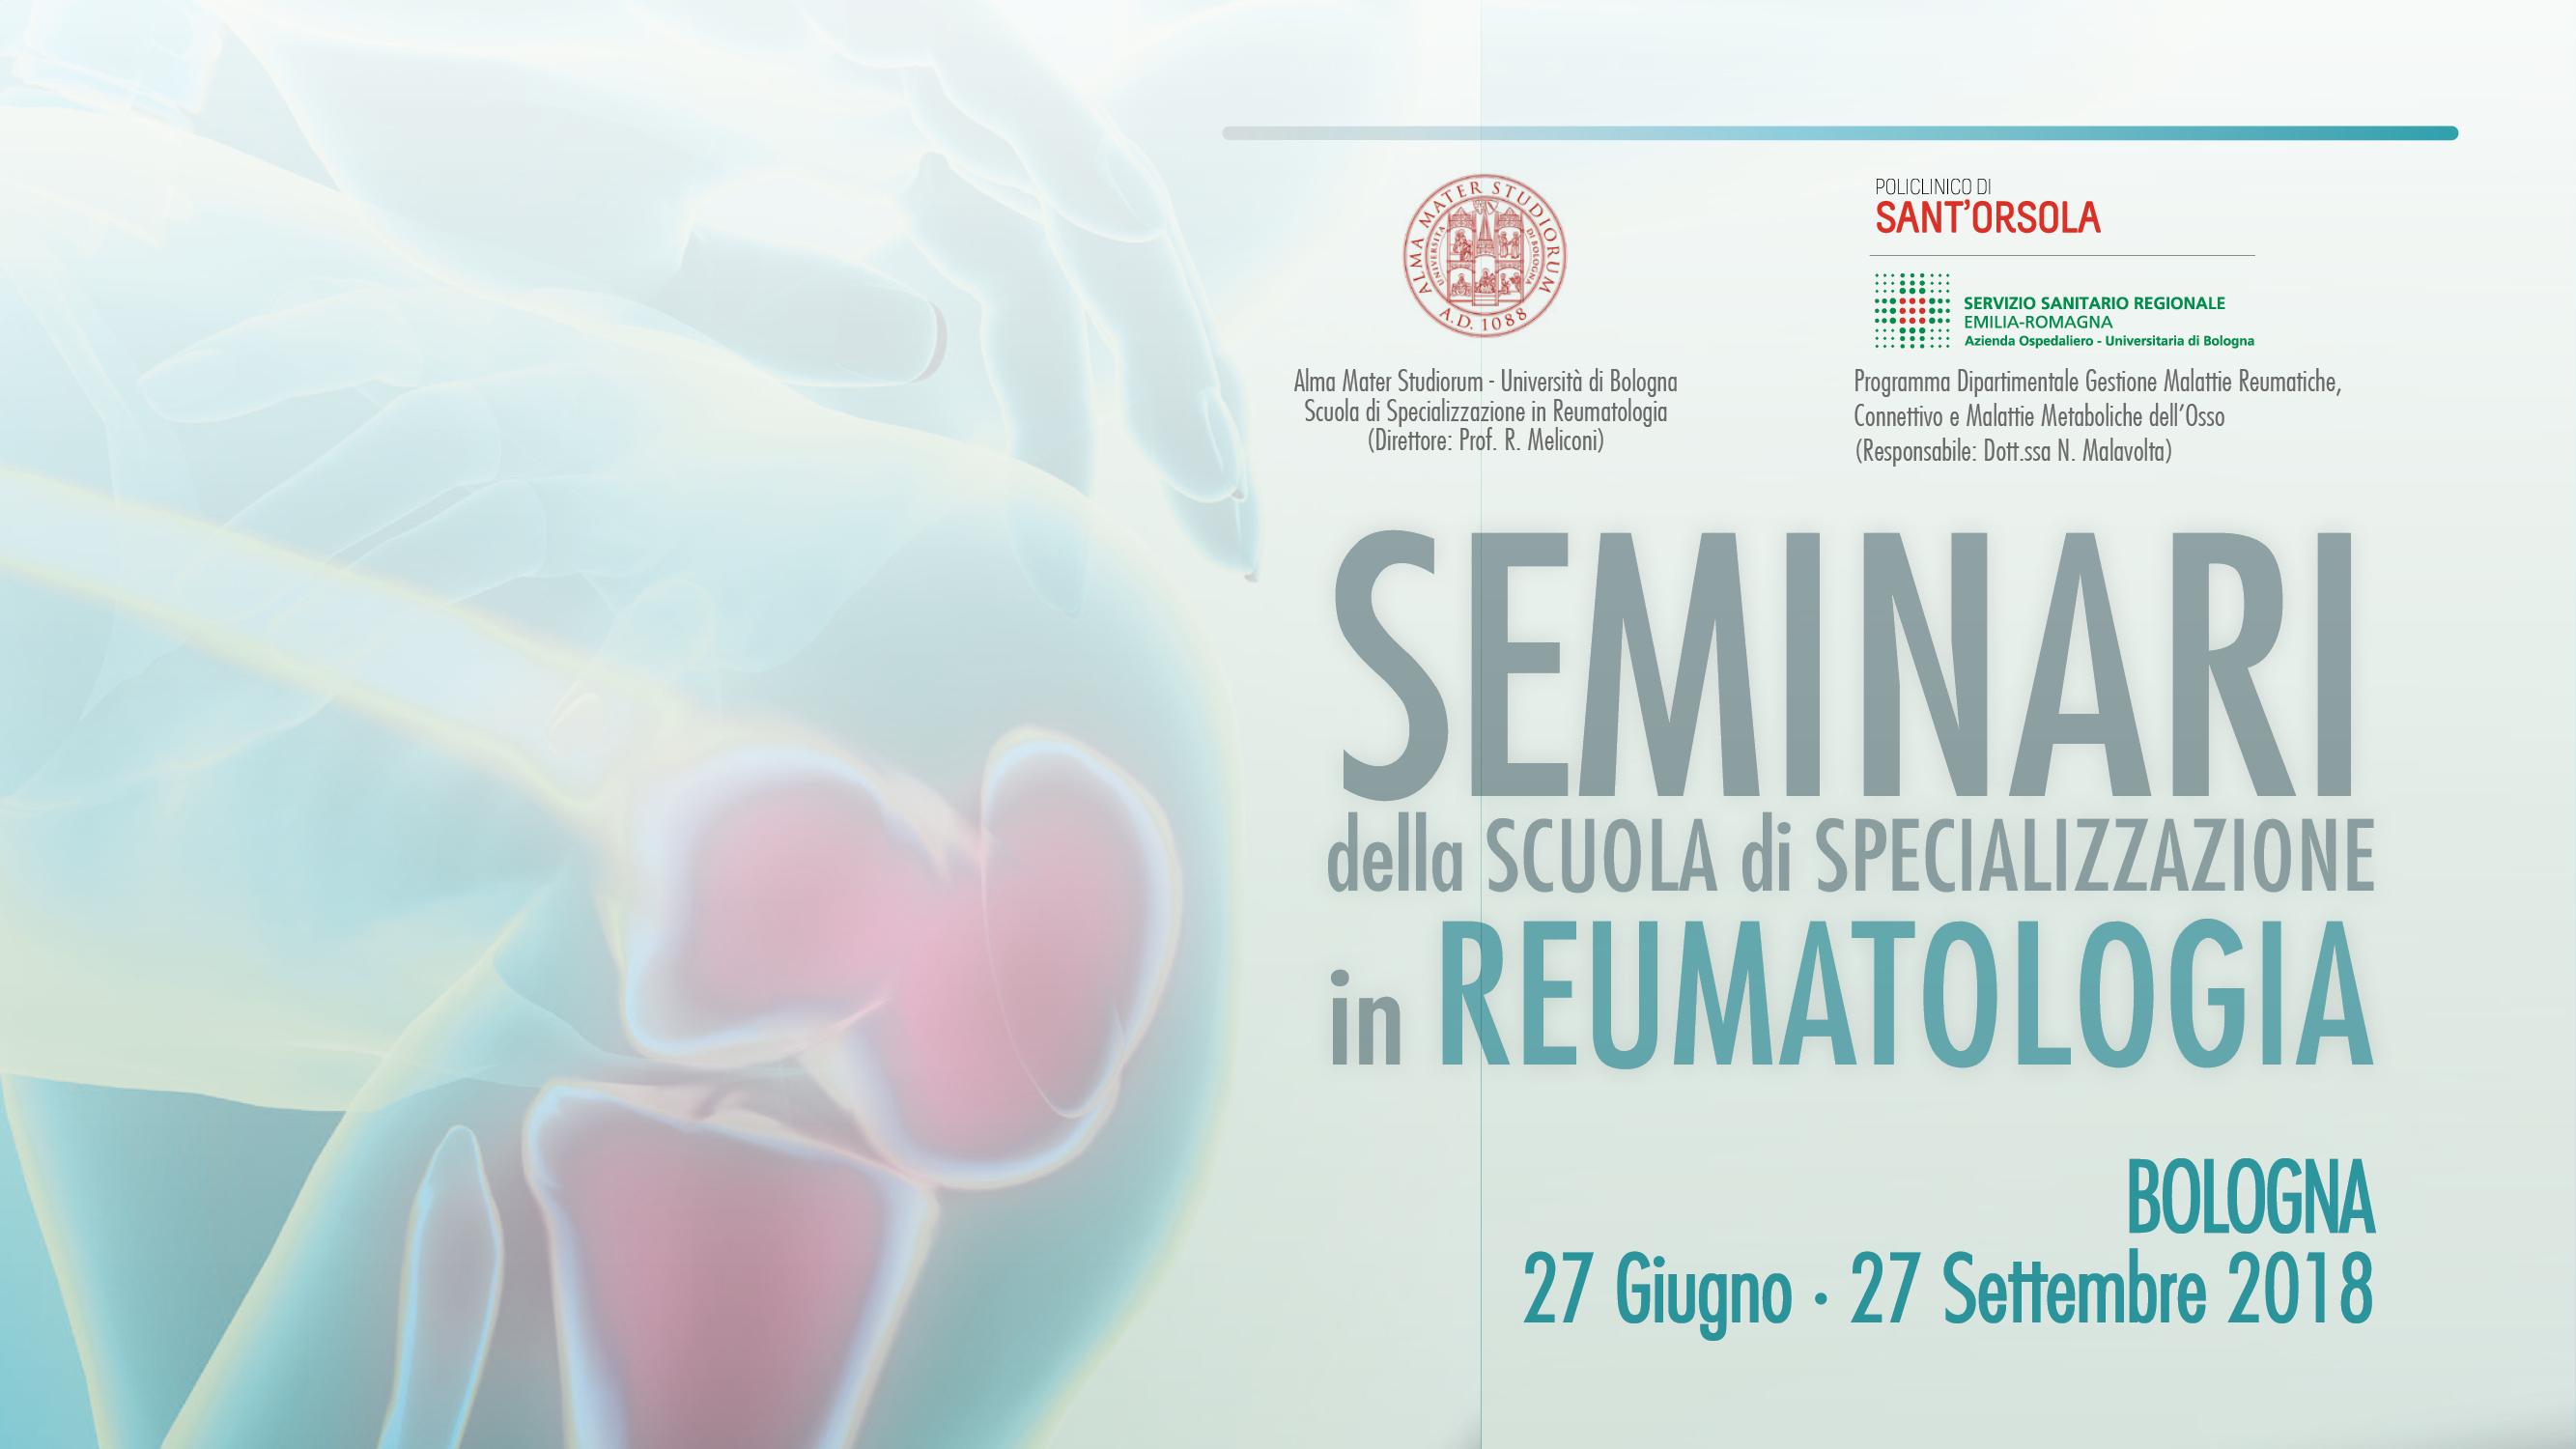 Seminari della scuola di specializzazione in Reumatologia